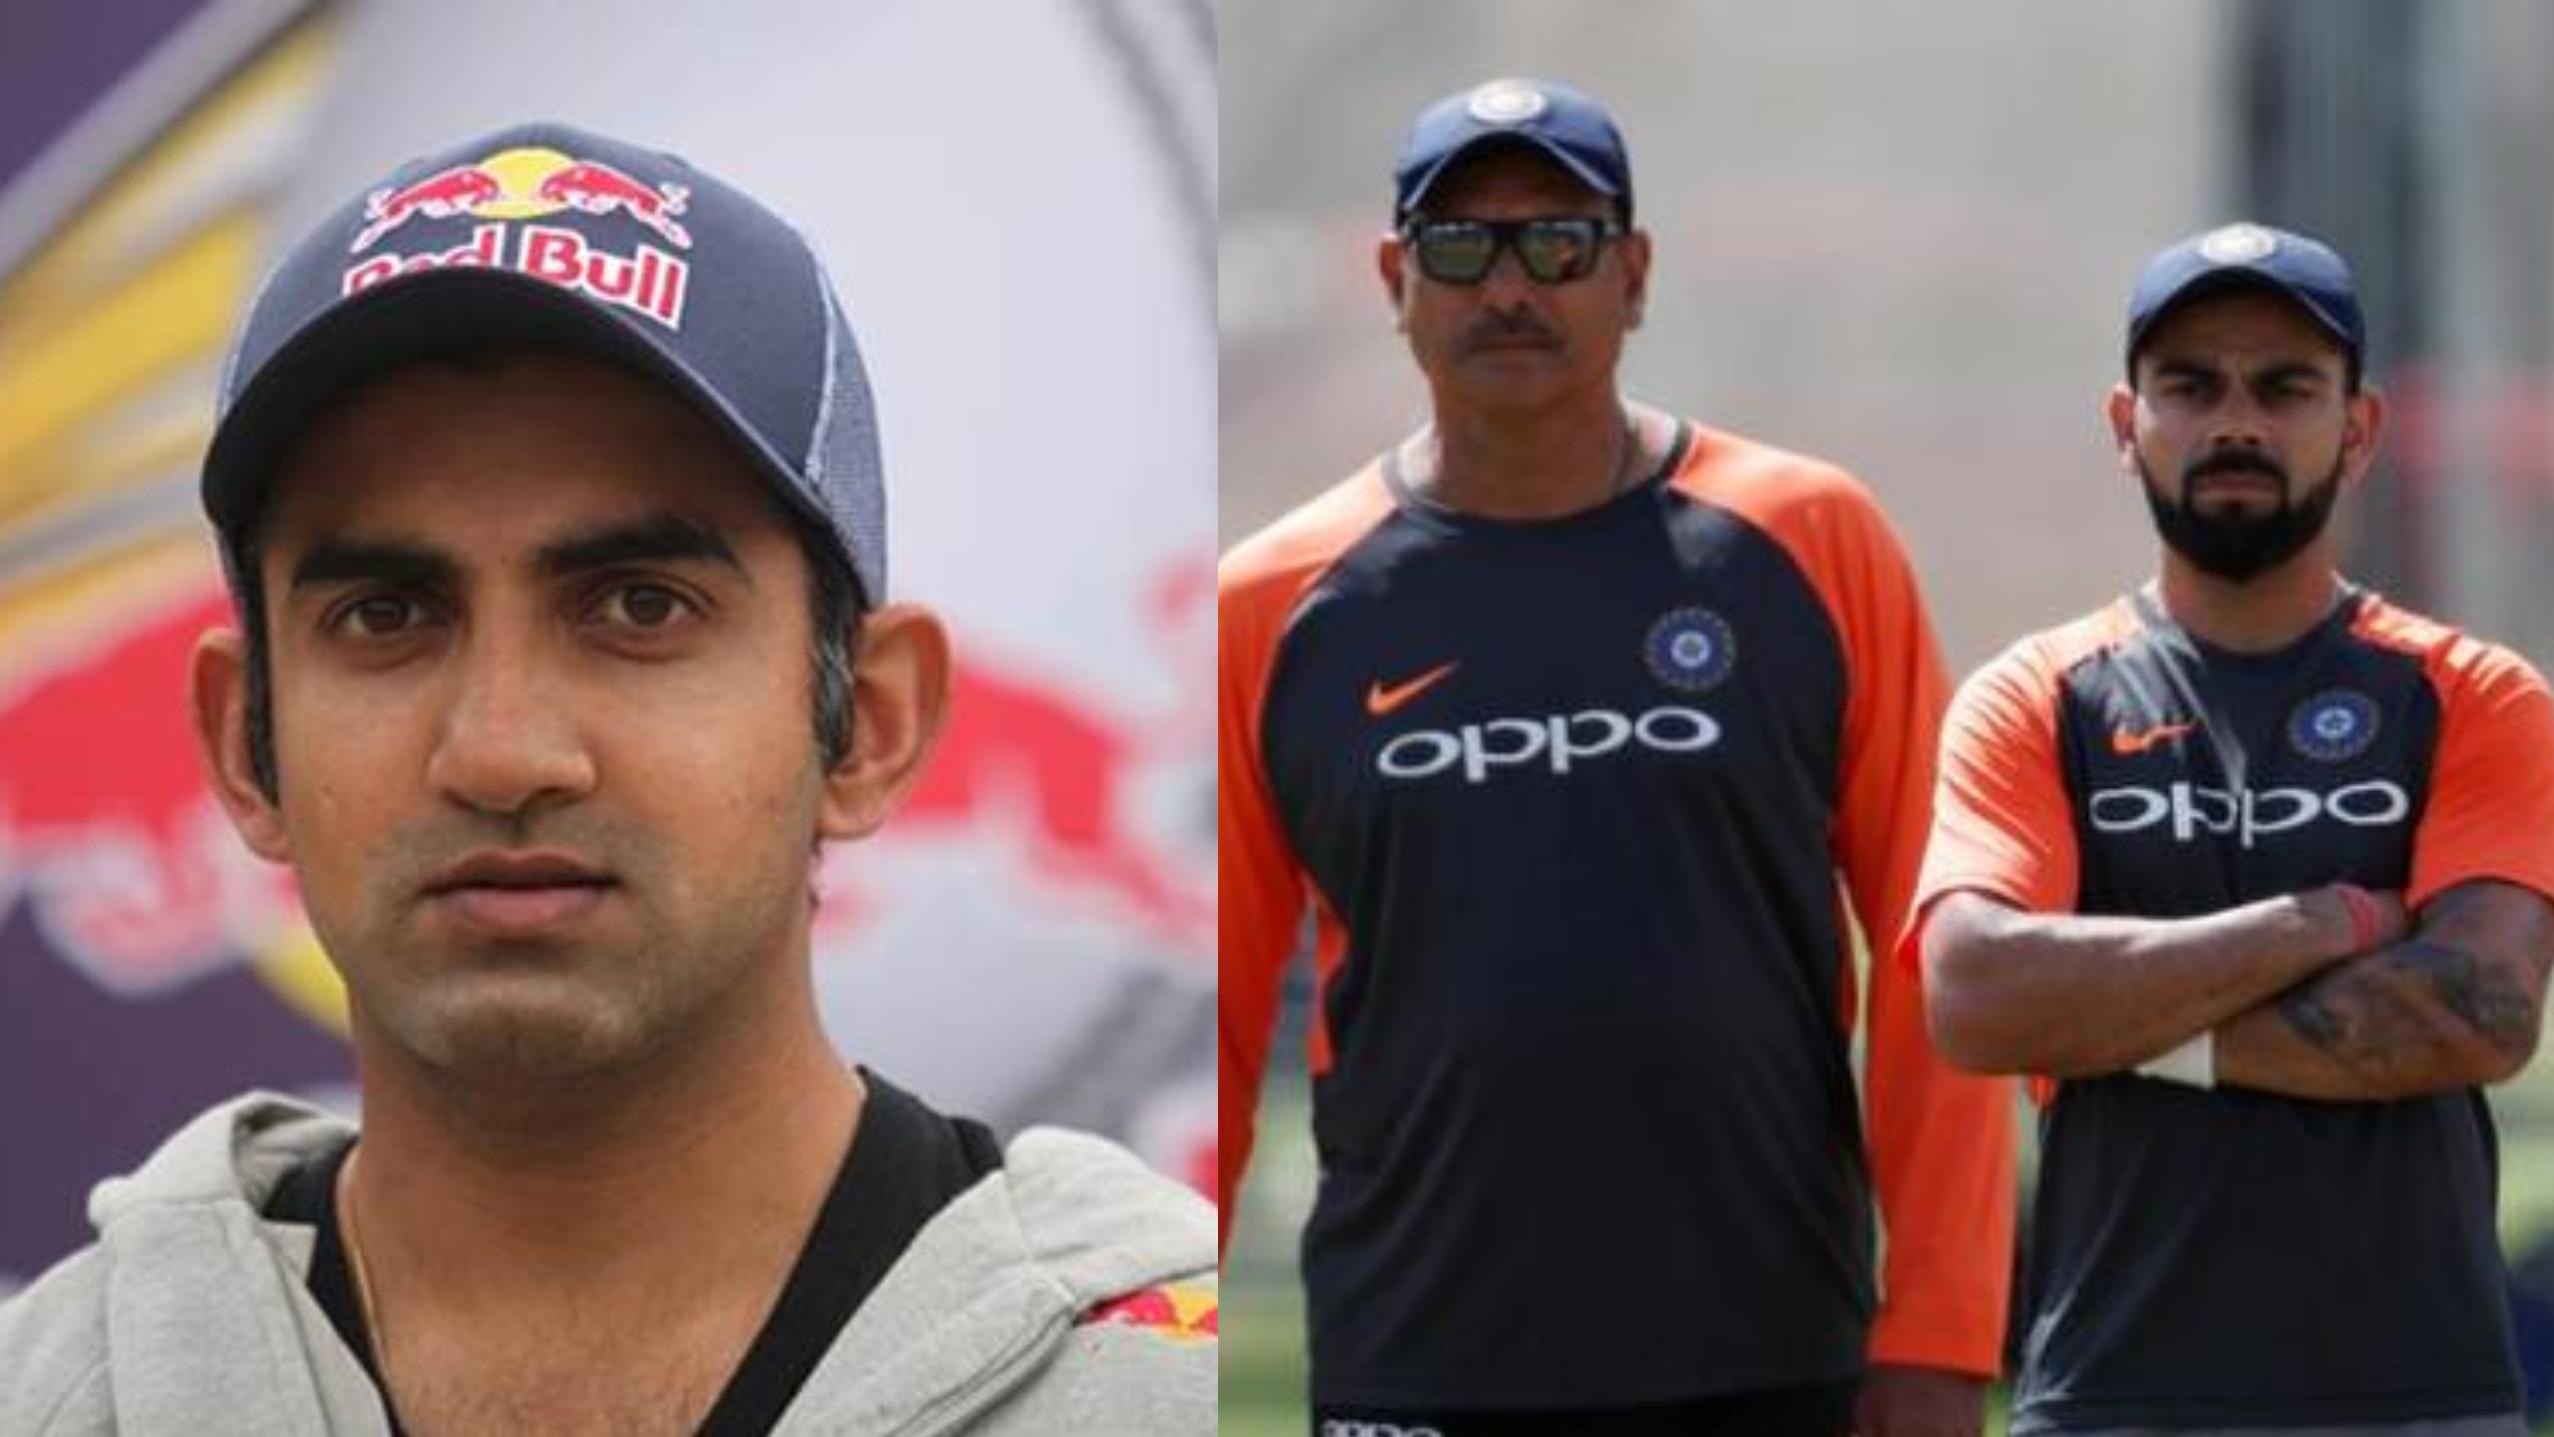 गौतम गंभीर ने कप्तान विराट कोहली और मुख्य कोच रवि शास्त्री को लगाई फटकार